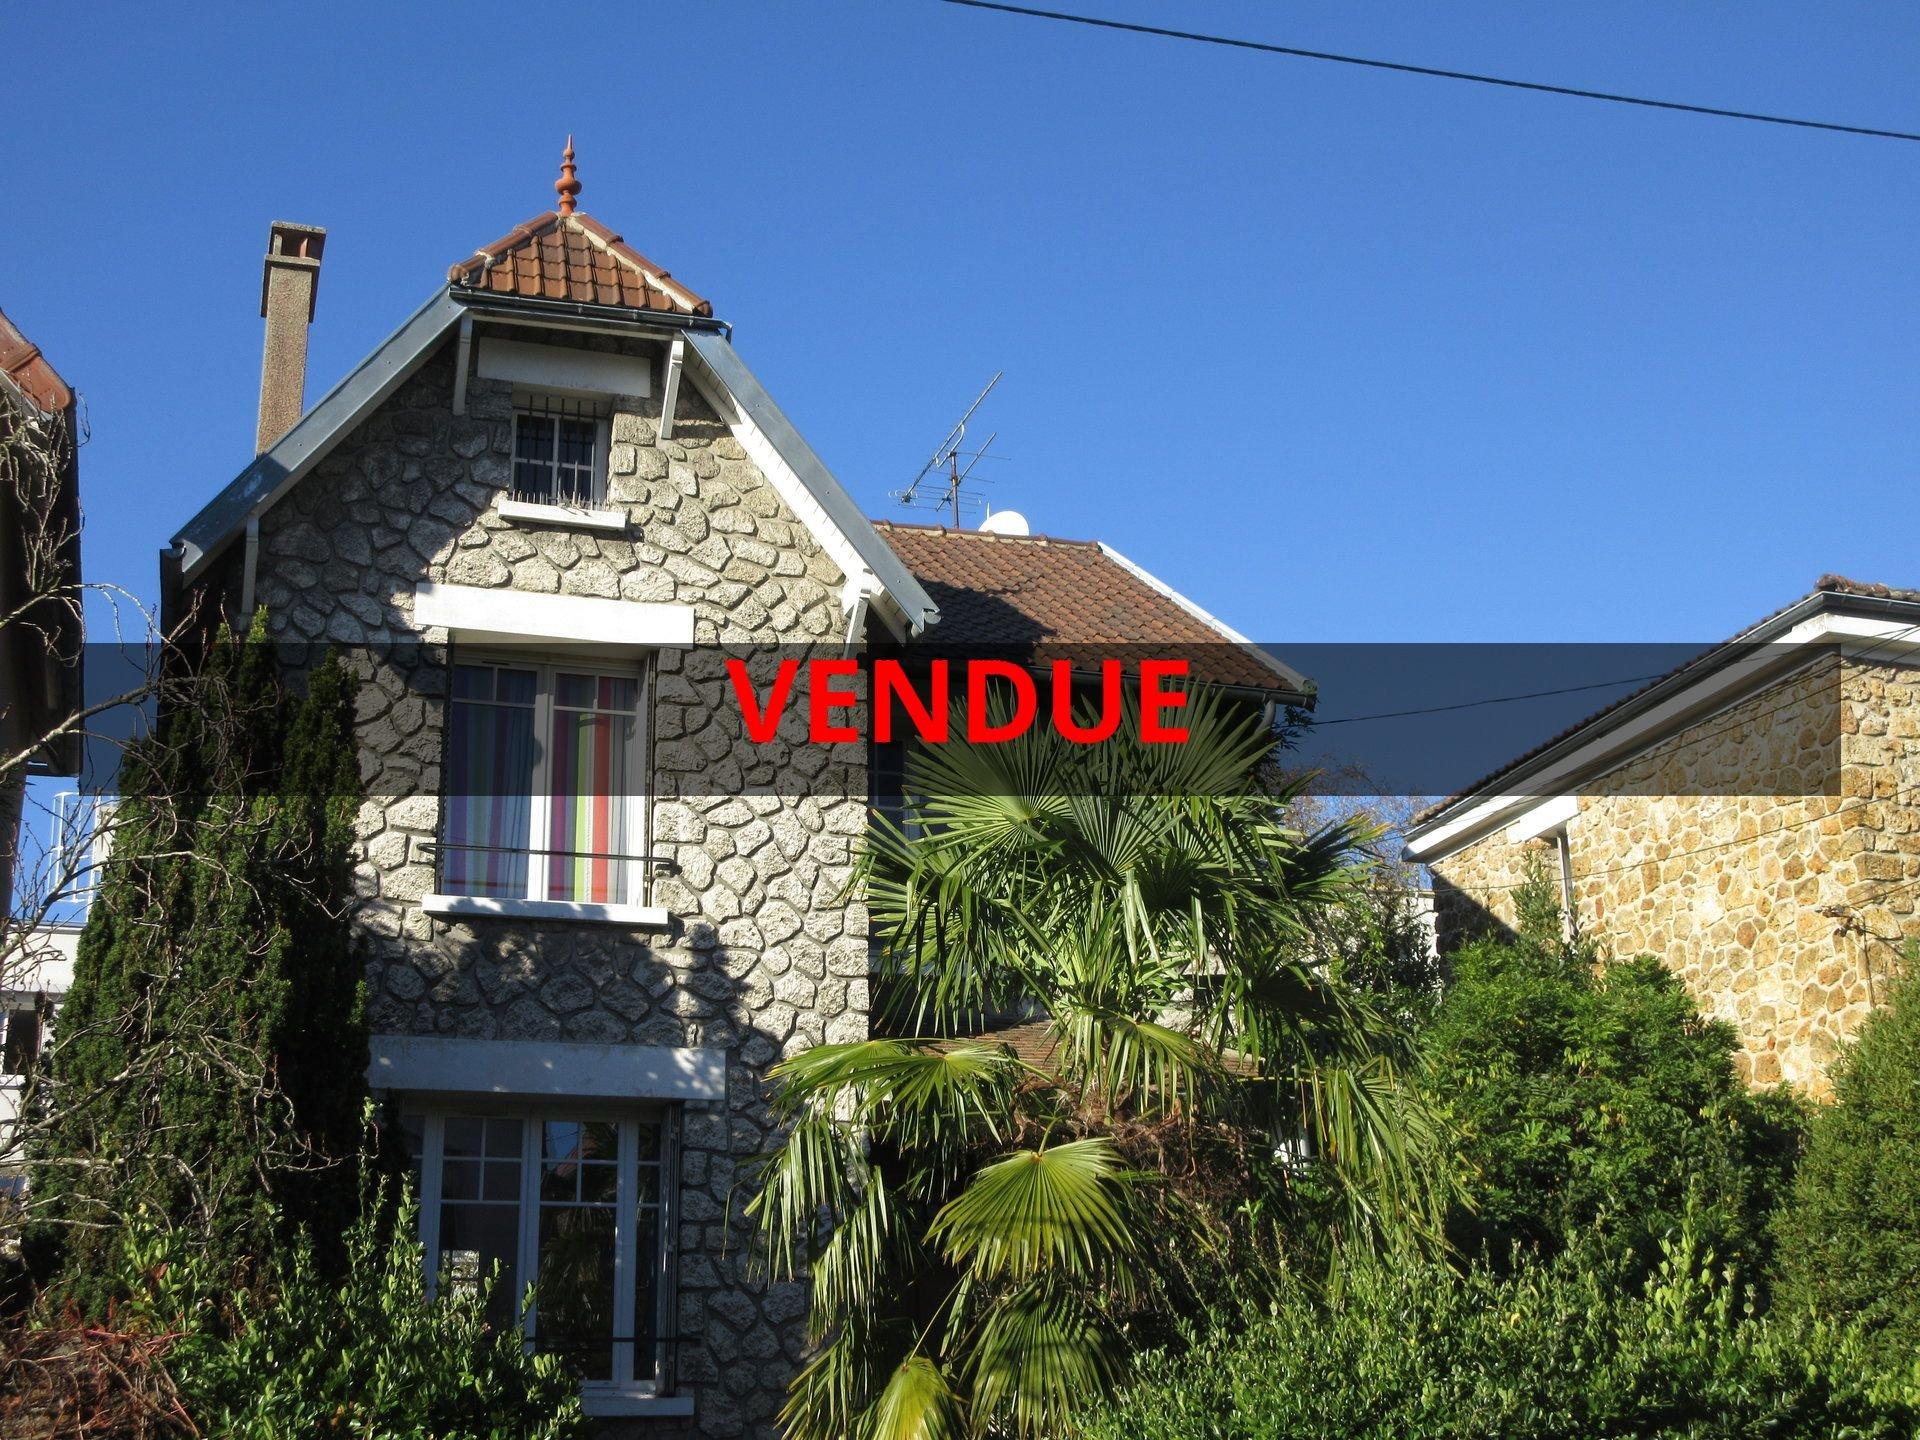 Promesse de vente signée. Exclusivité ! 13 min RER, bas de Chatou, maison au calme et lumineuse.